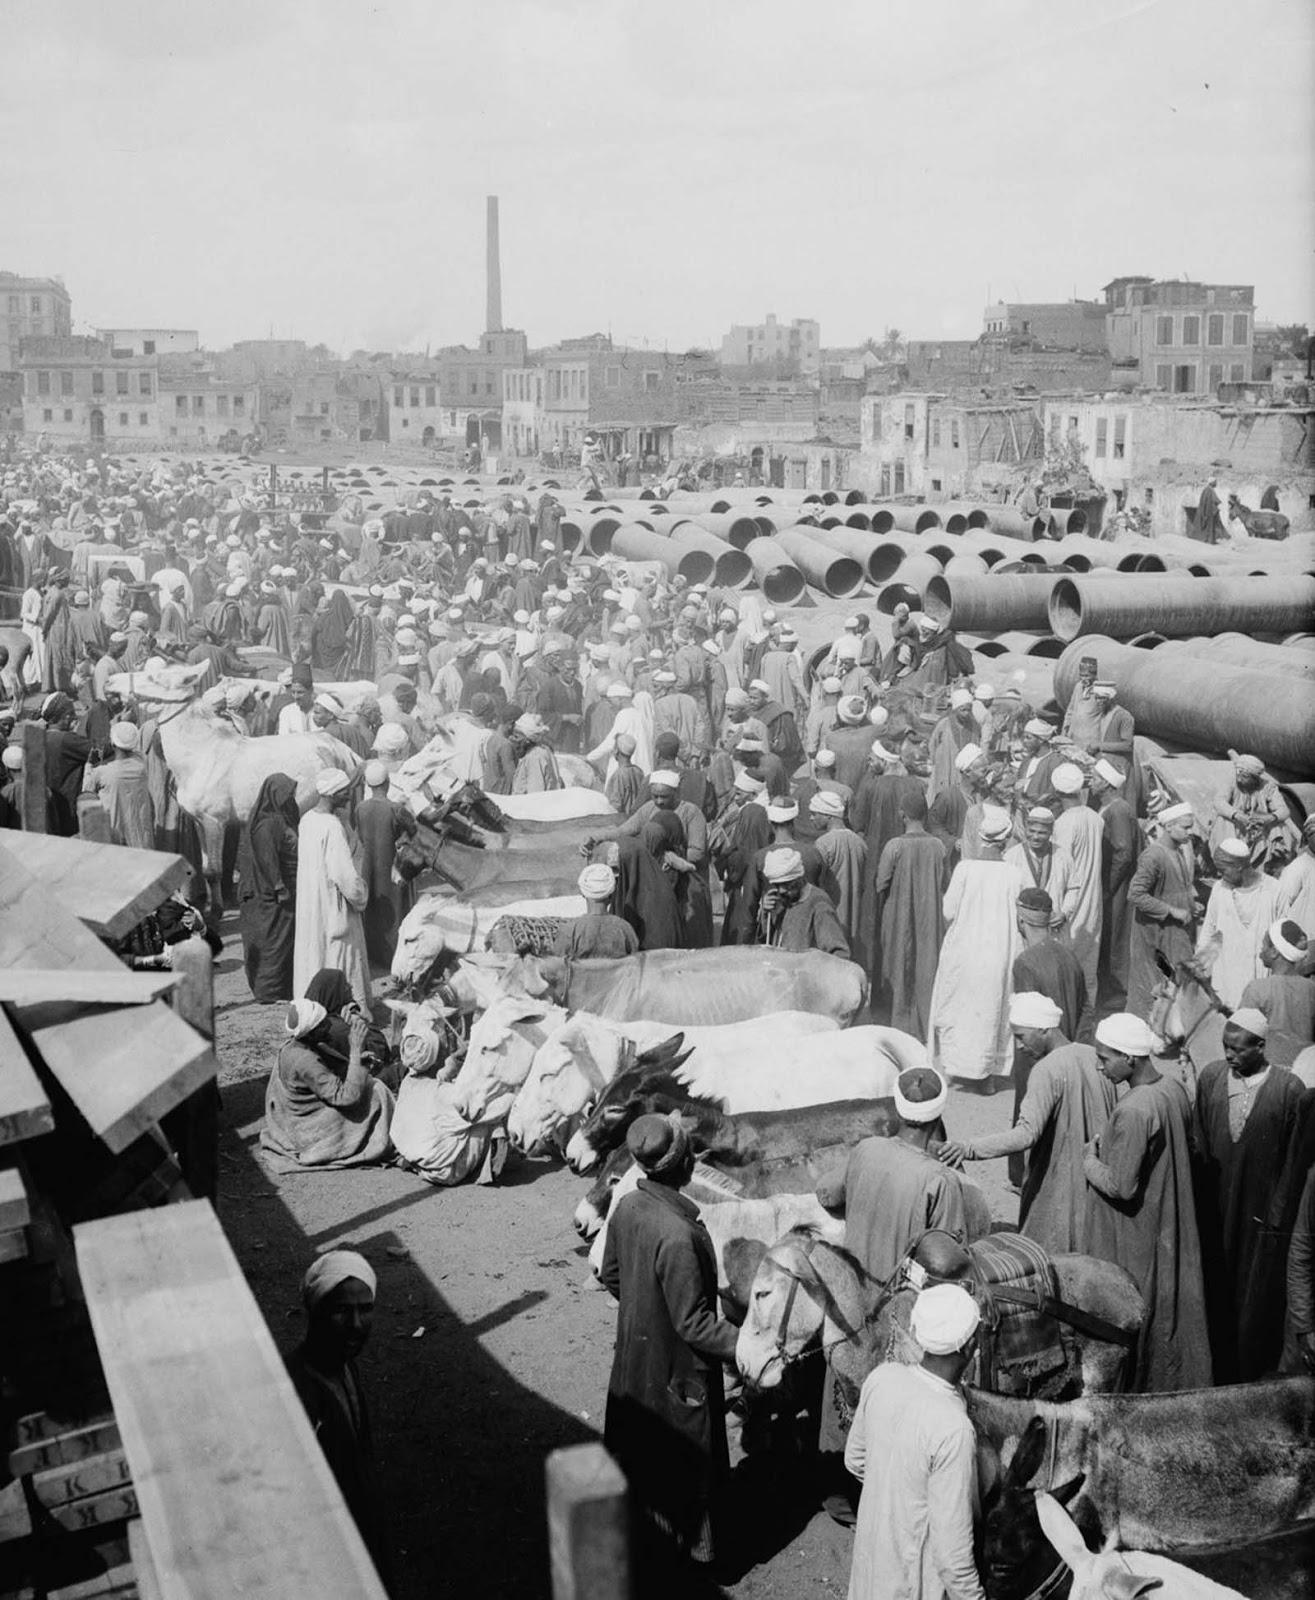 The Cairo donkey market. 1900.